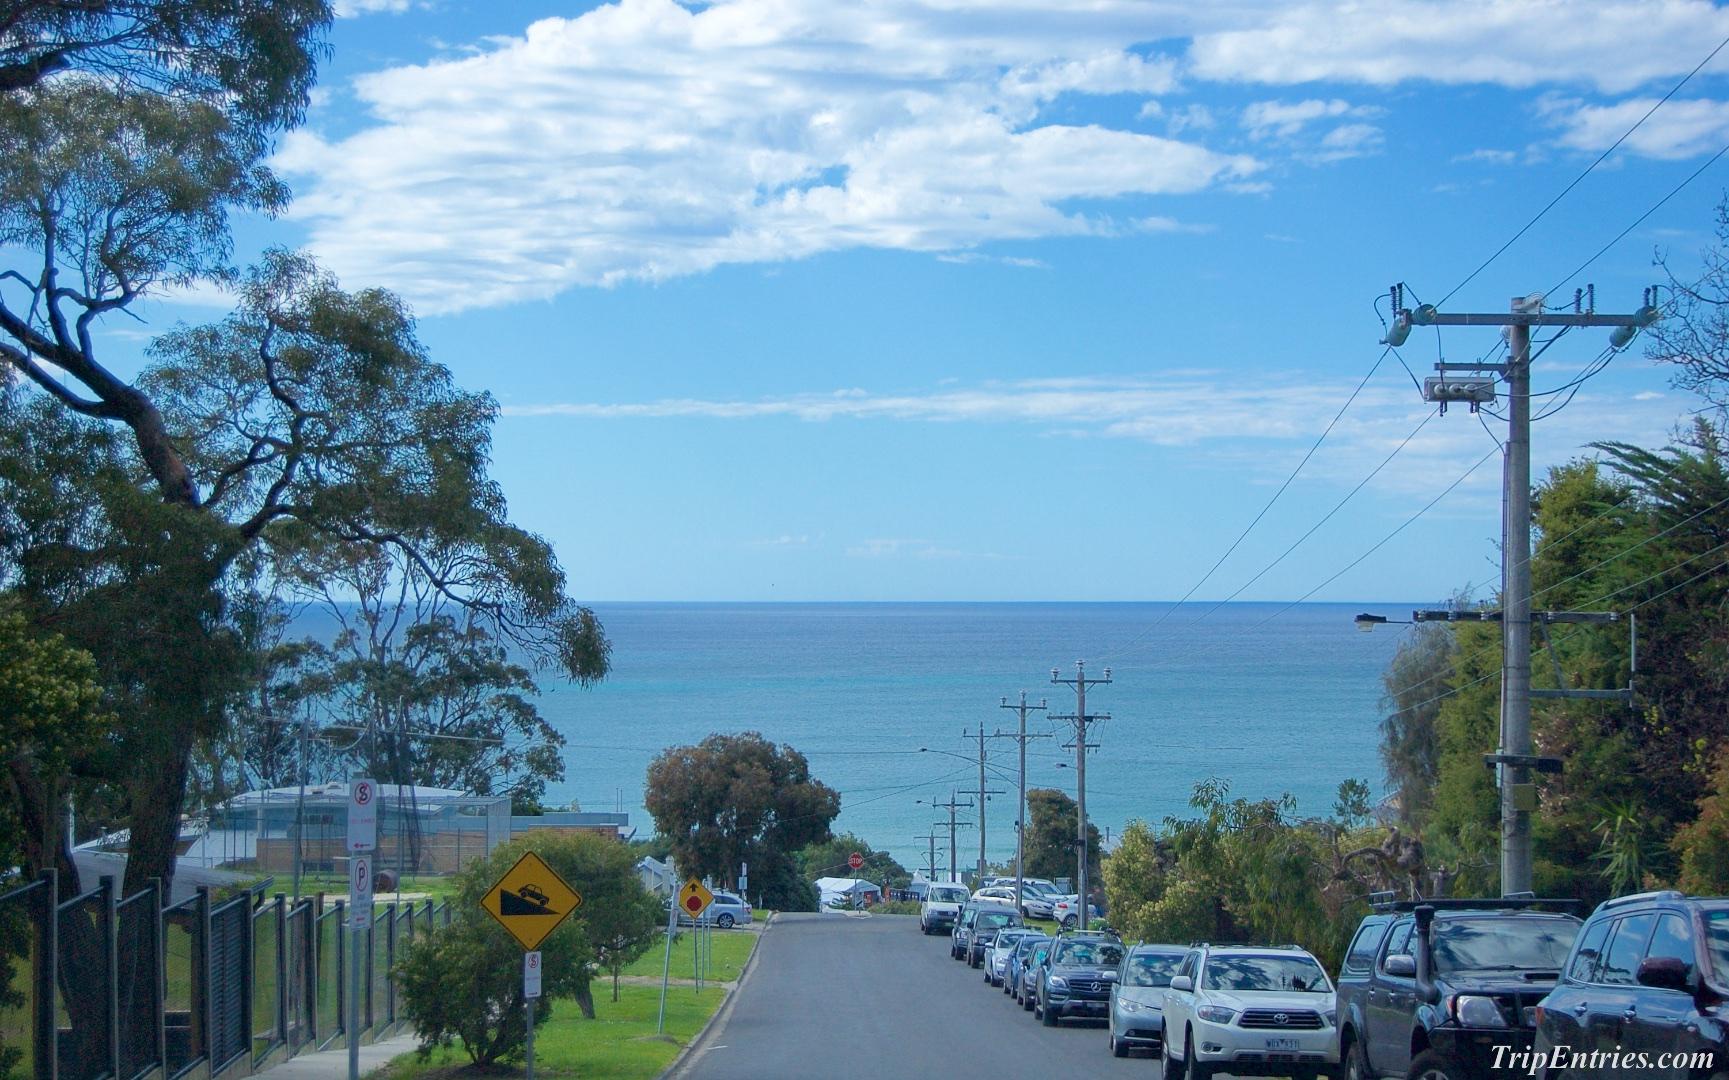 Поездка в Мельбурн: Великая Океанская Дорога и 12 Апостолов